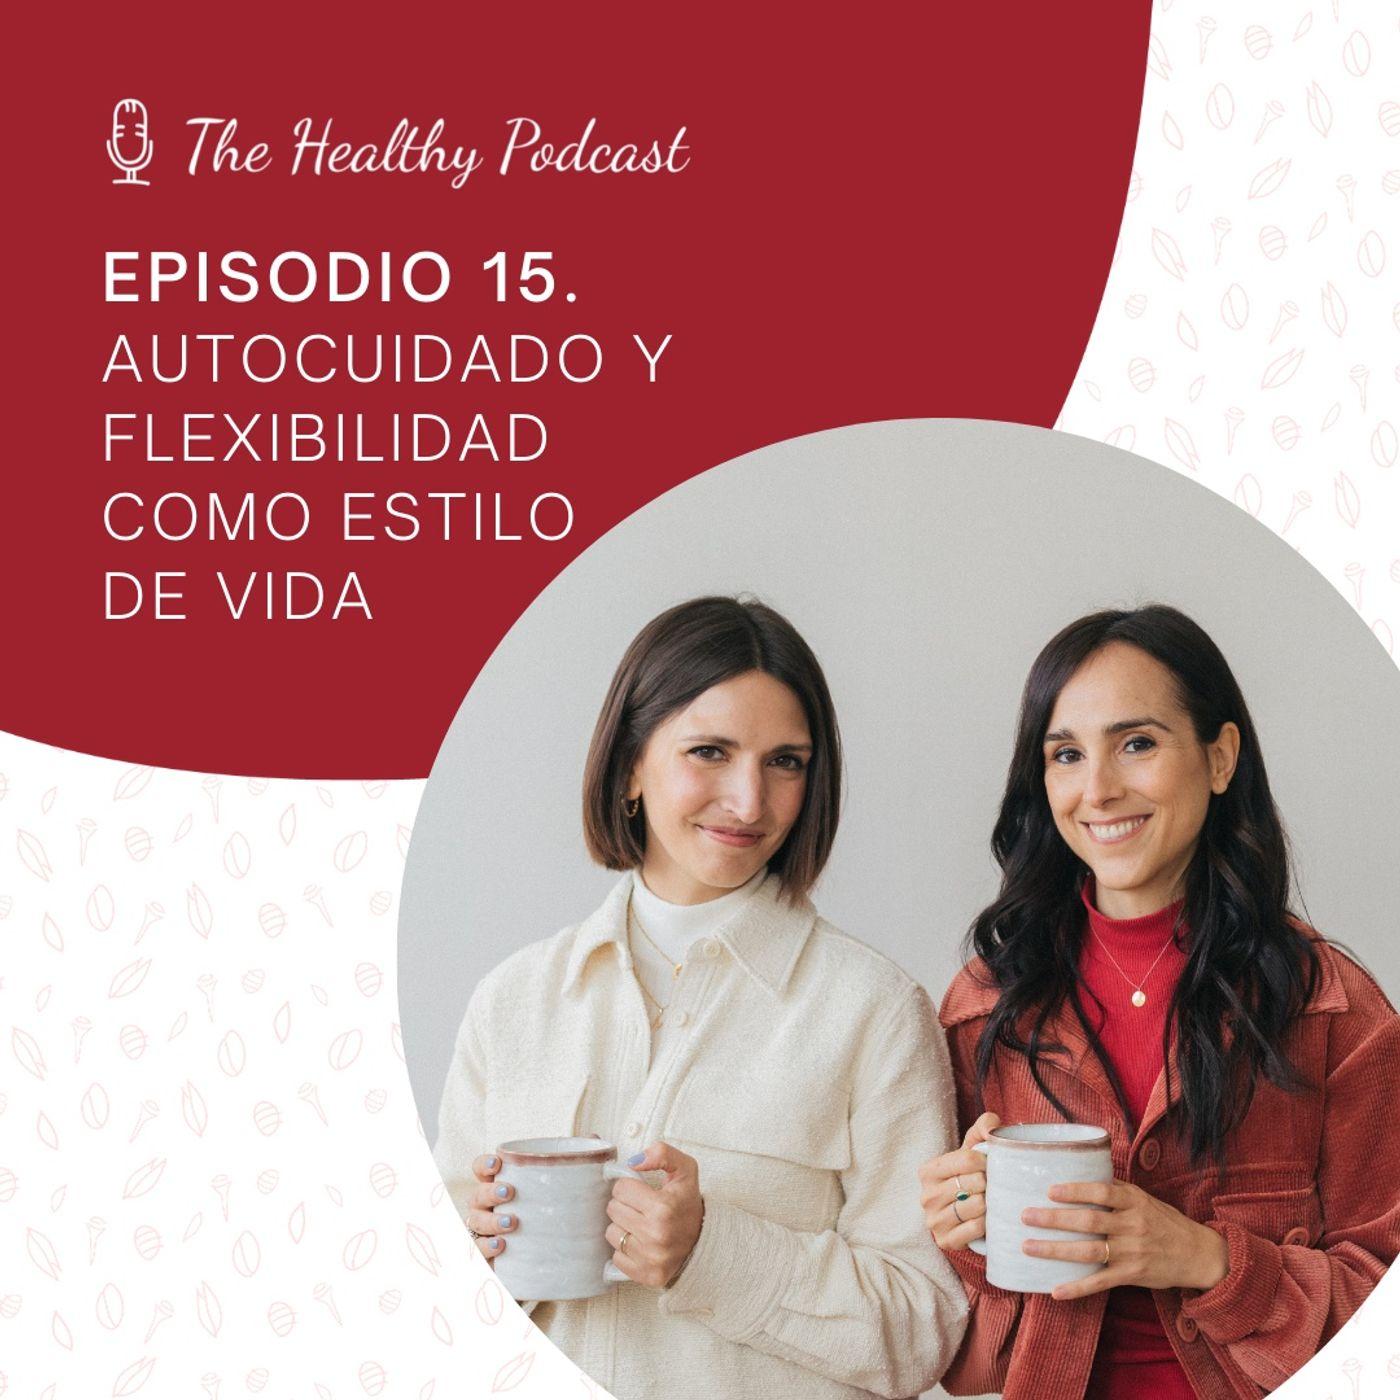 Episodio 15. Autocuidado y flexibilidad como estilo de vida